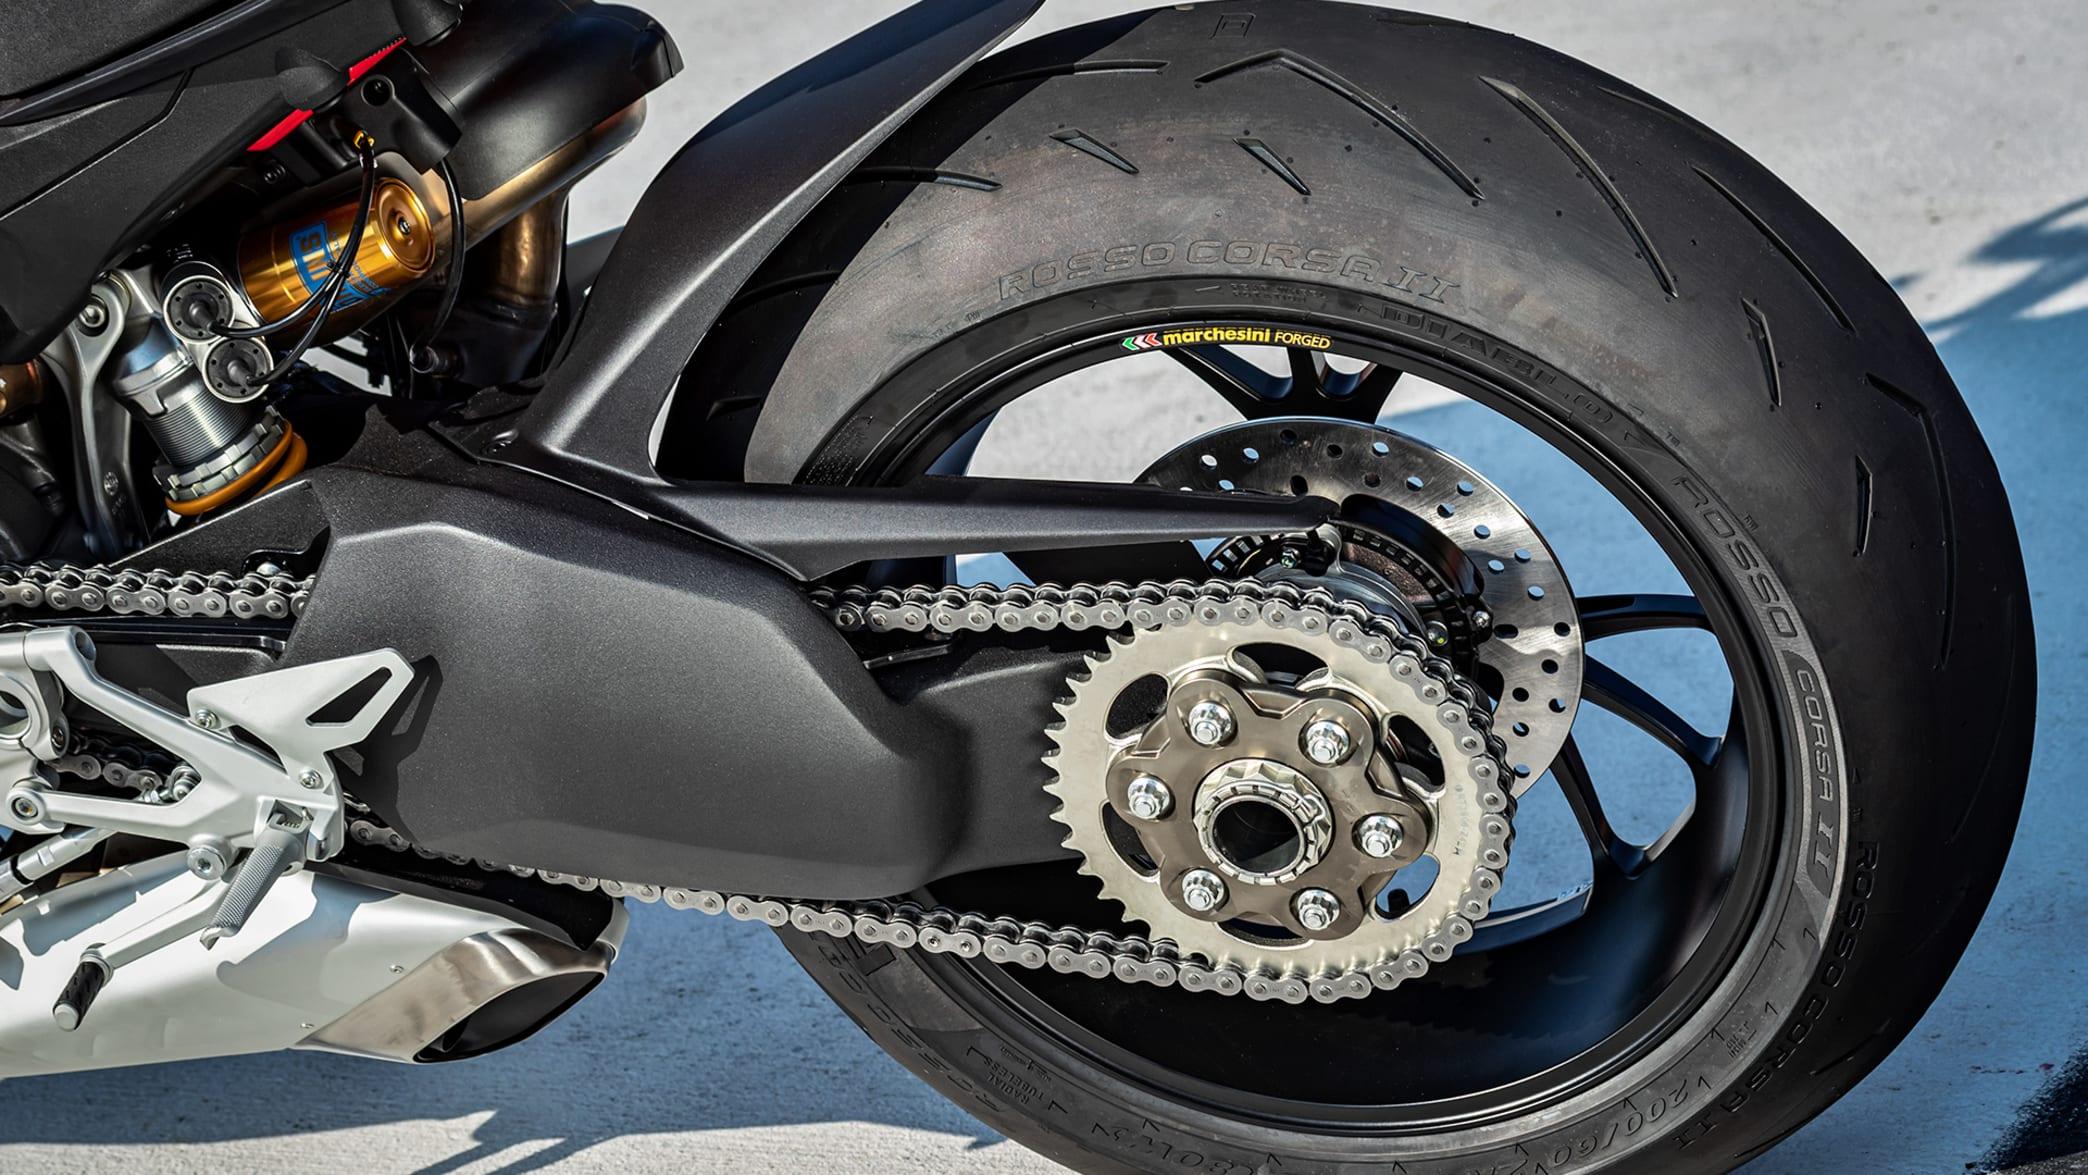 Kette einer Ducati Streetfighter V4